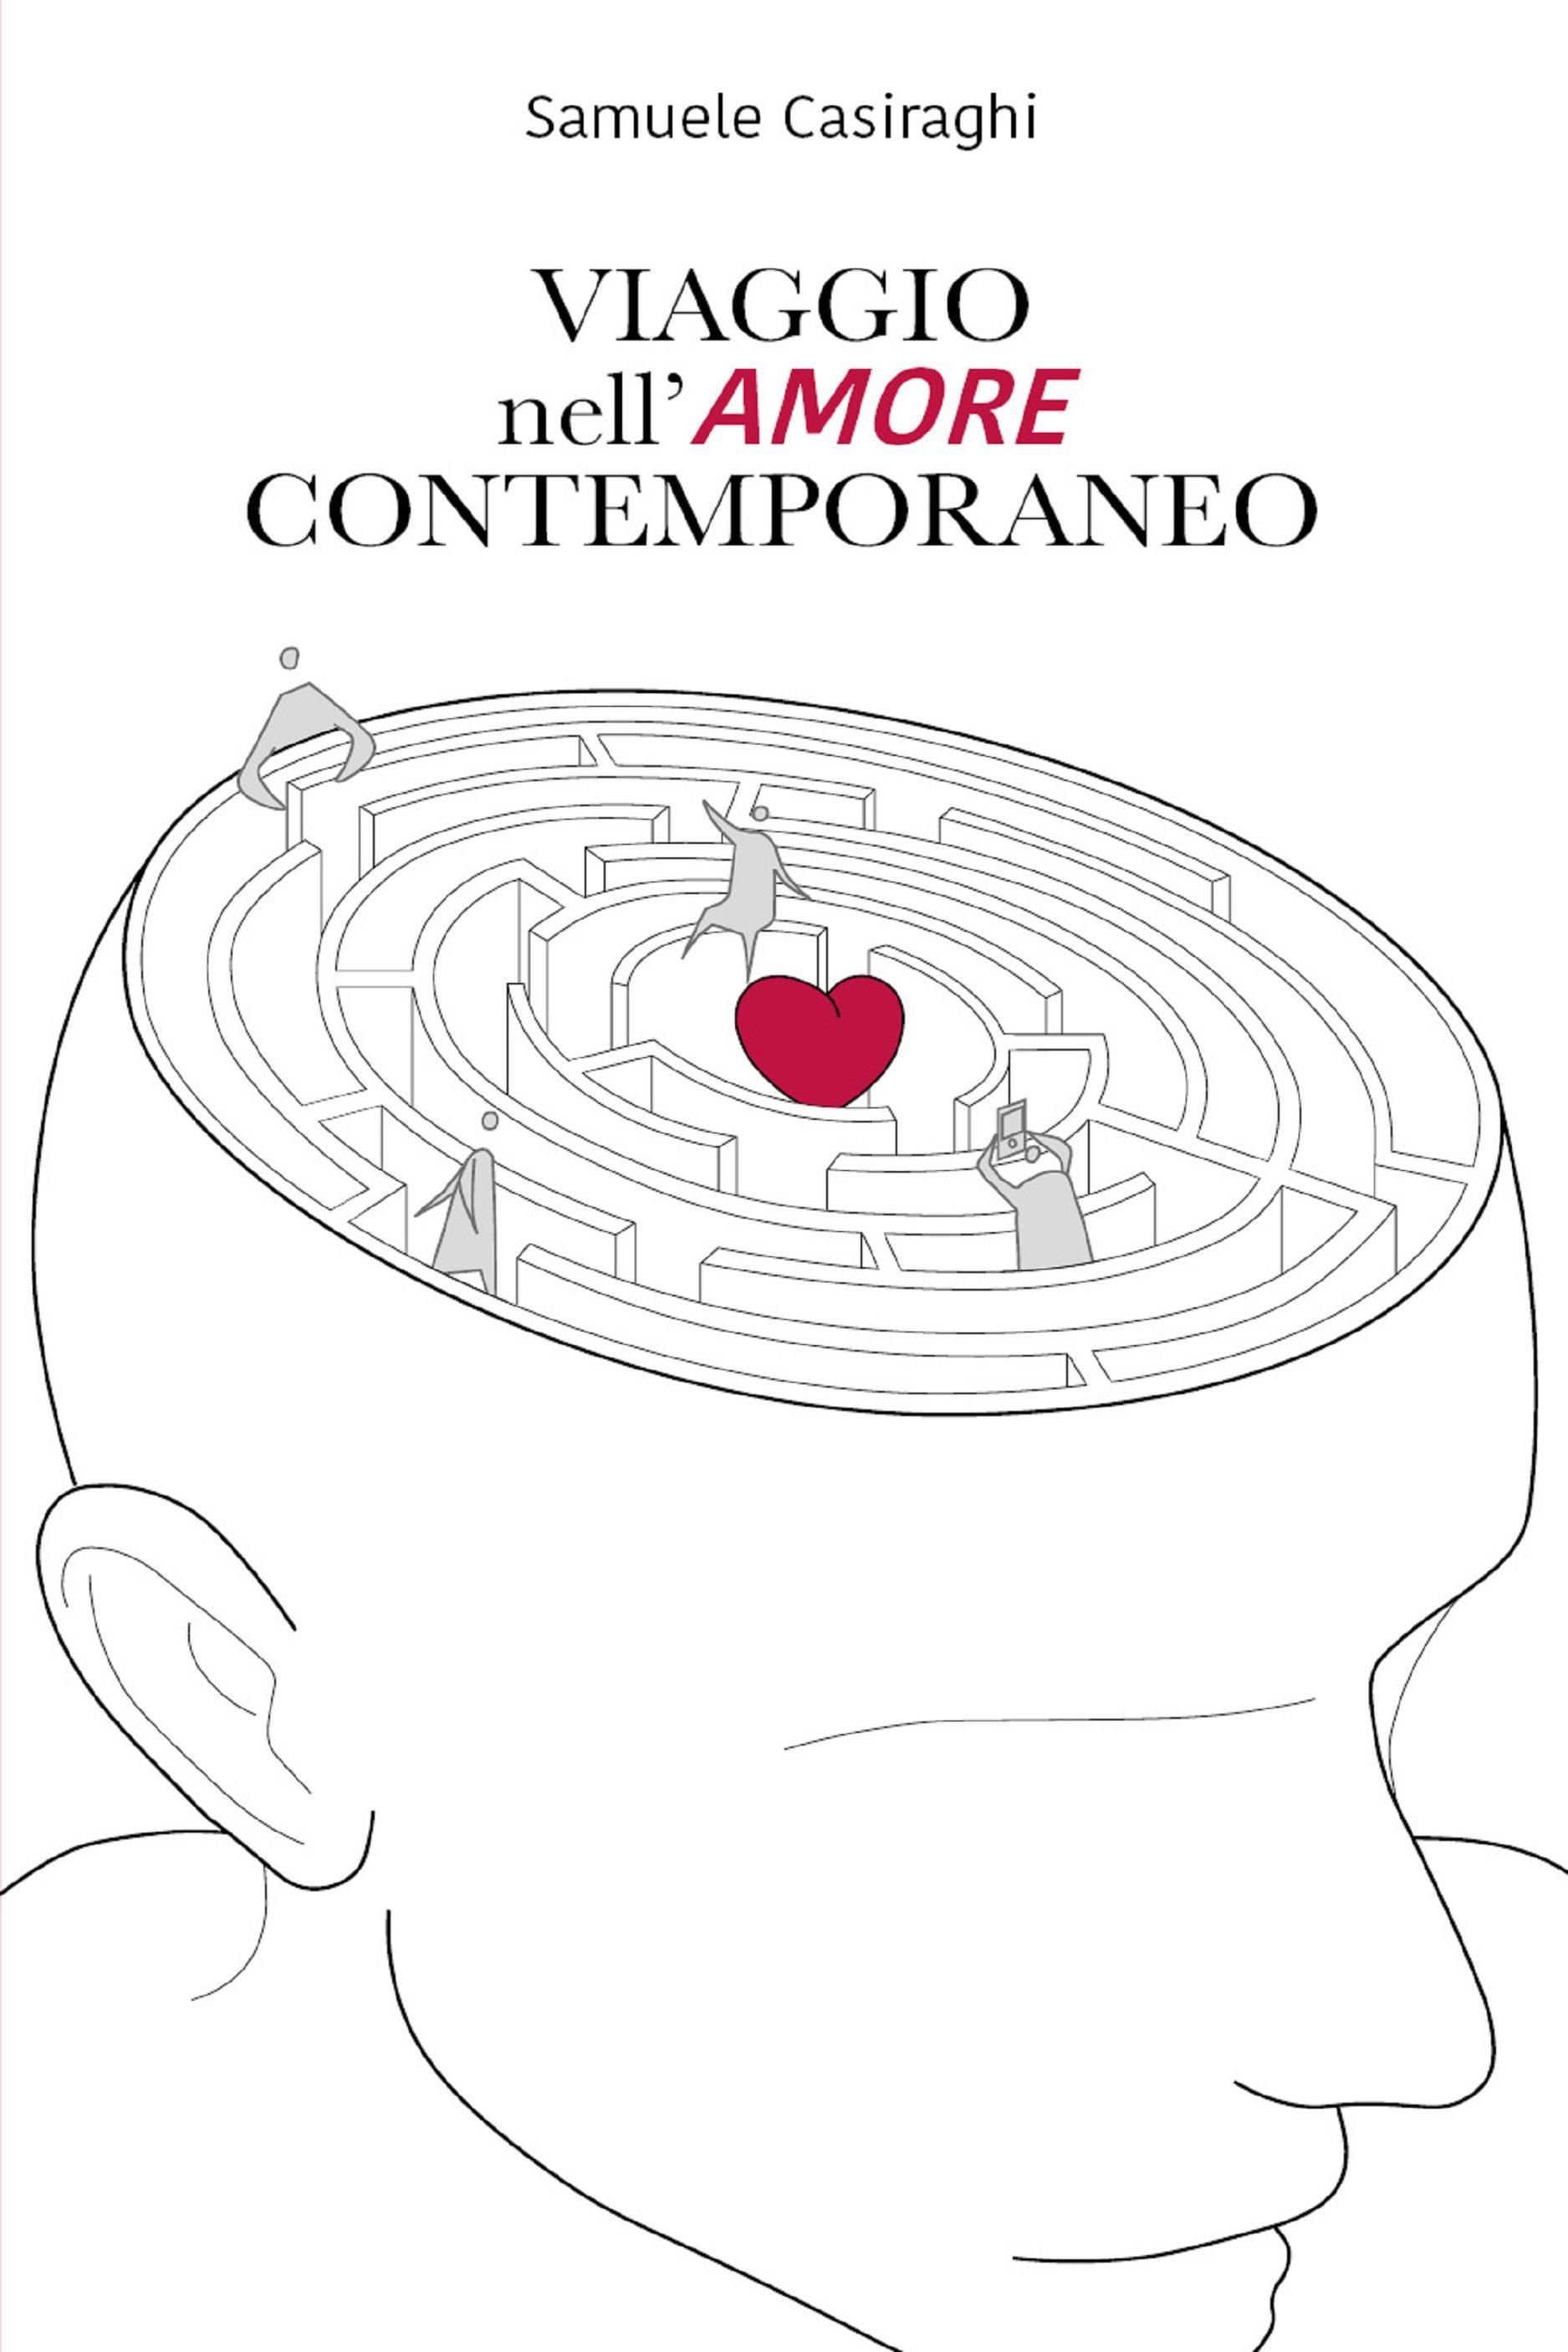 Viaggio nell'amore contemporaneo